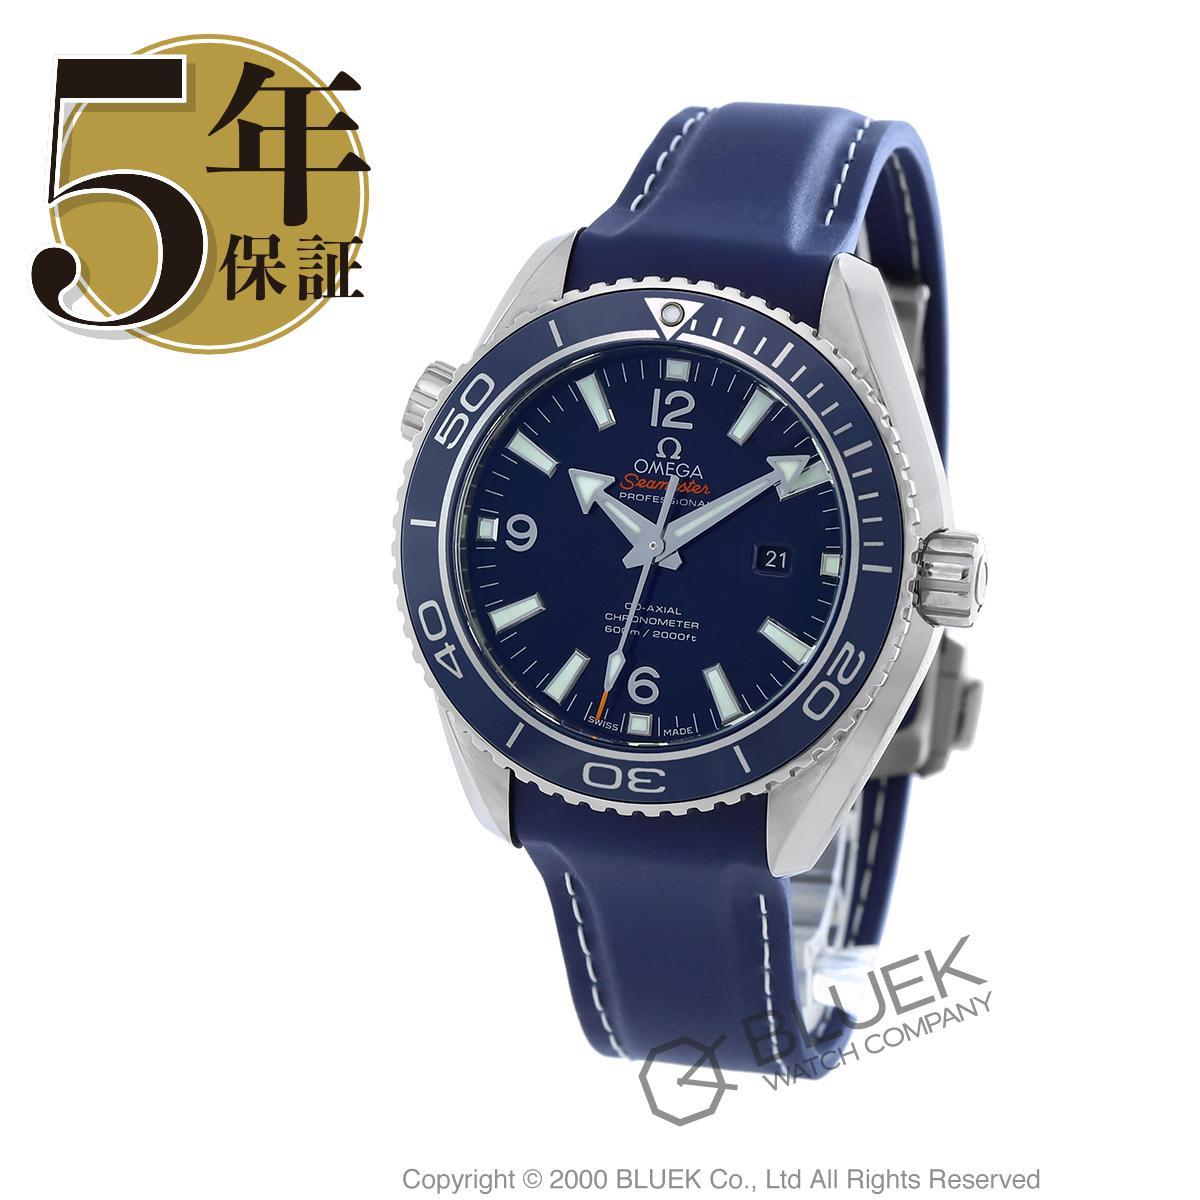 オメガ シーマスター プラネットオーシャン 600m防水 腕時計 ユニセックス OMEGA 232.92.38.20.03.001_5